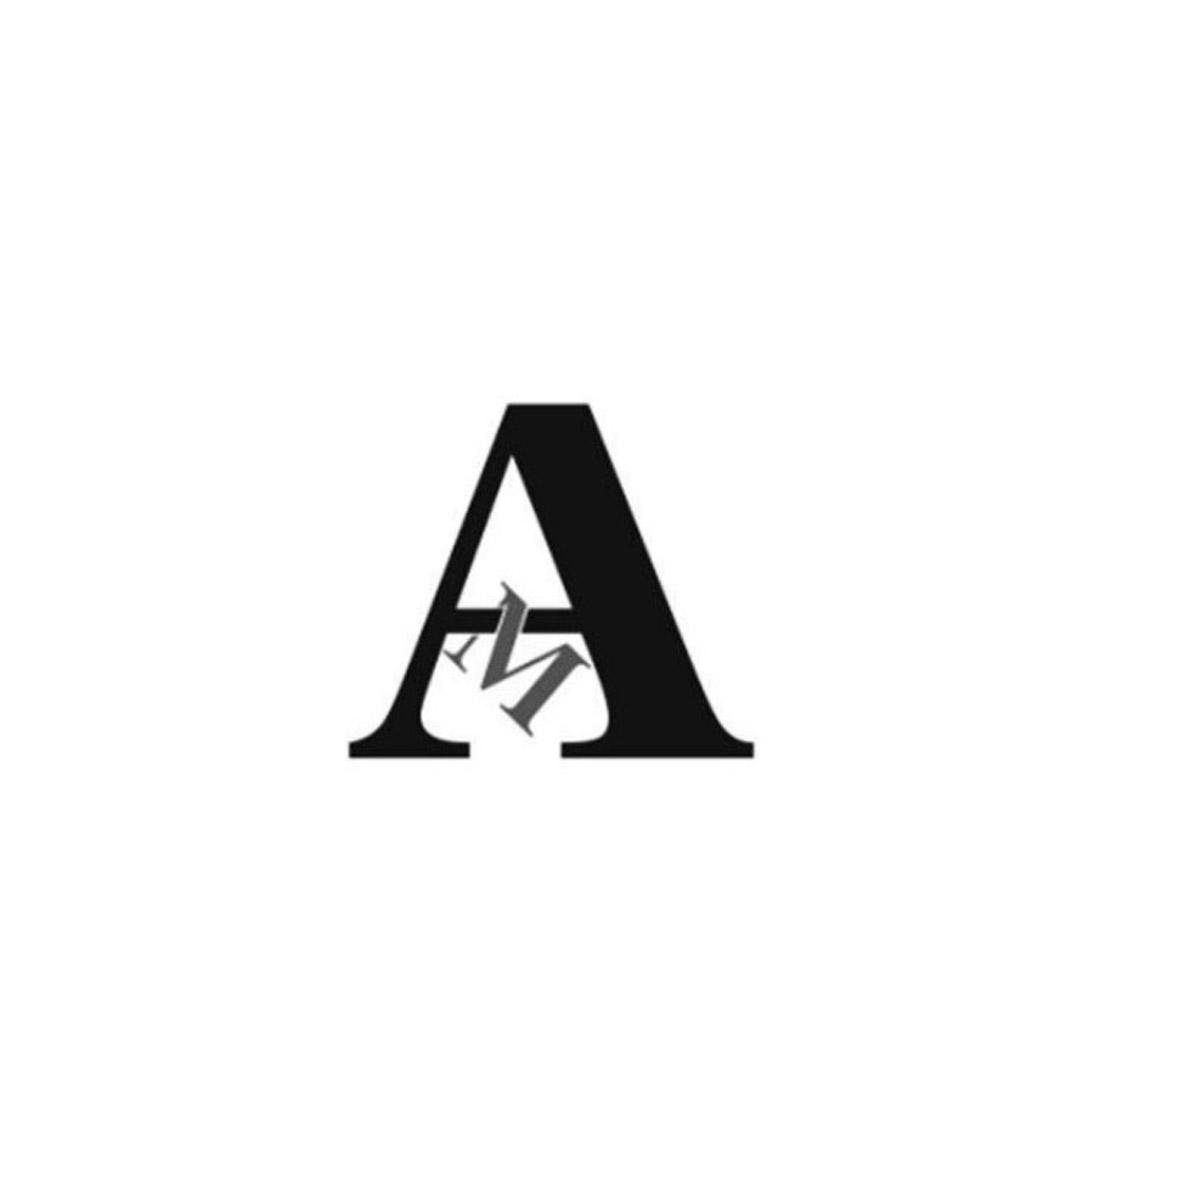 18类-箱包皮具AM商标转让